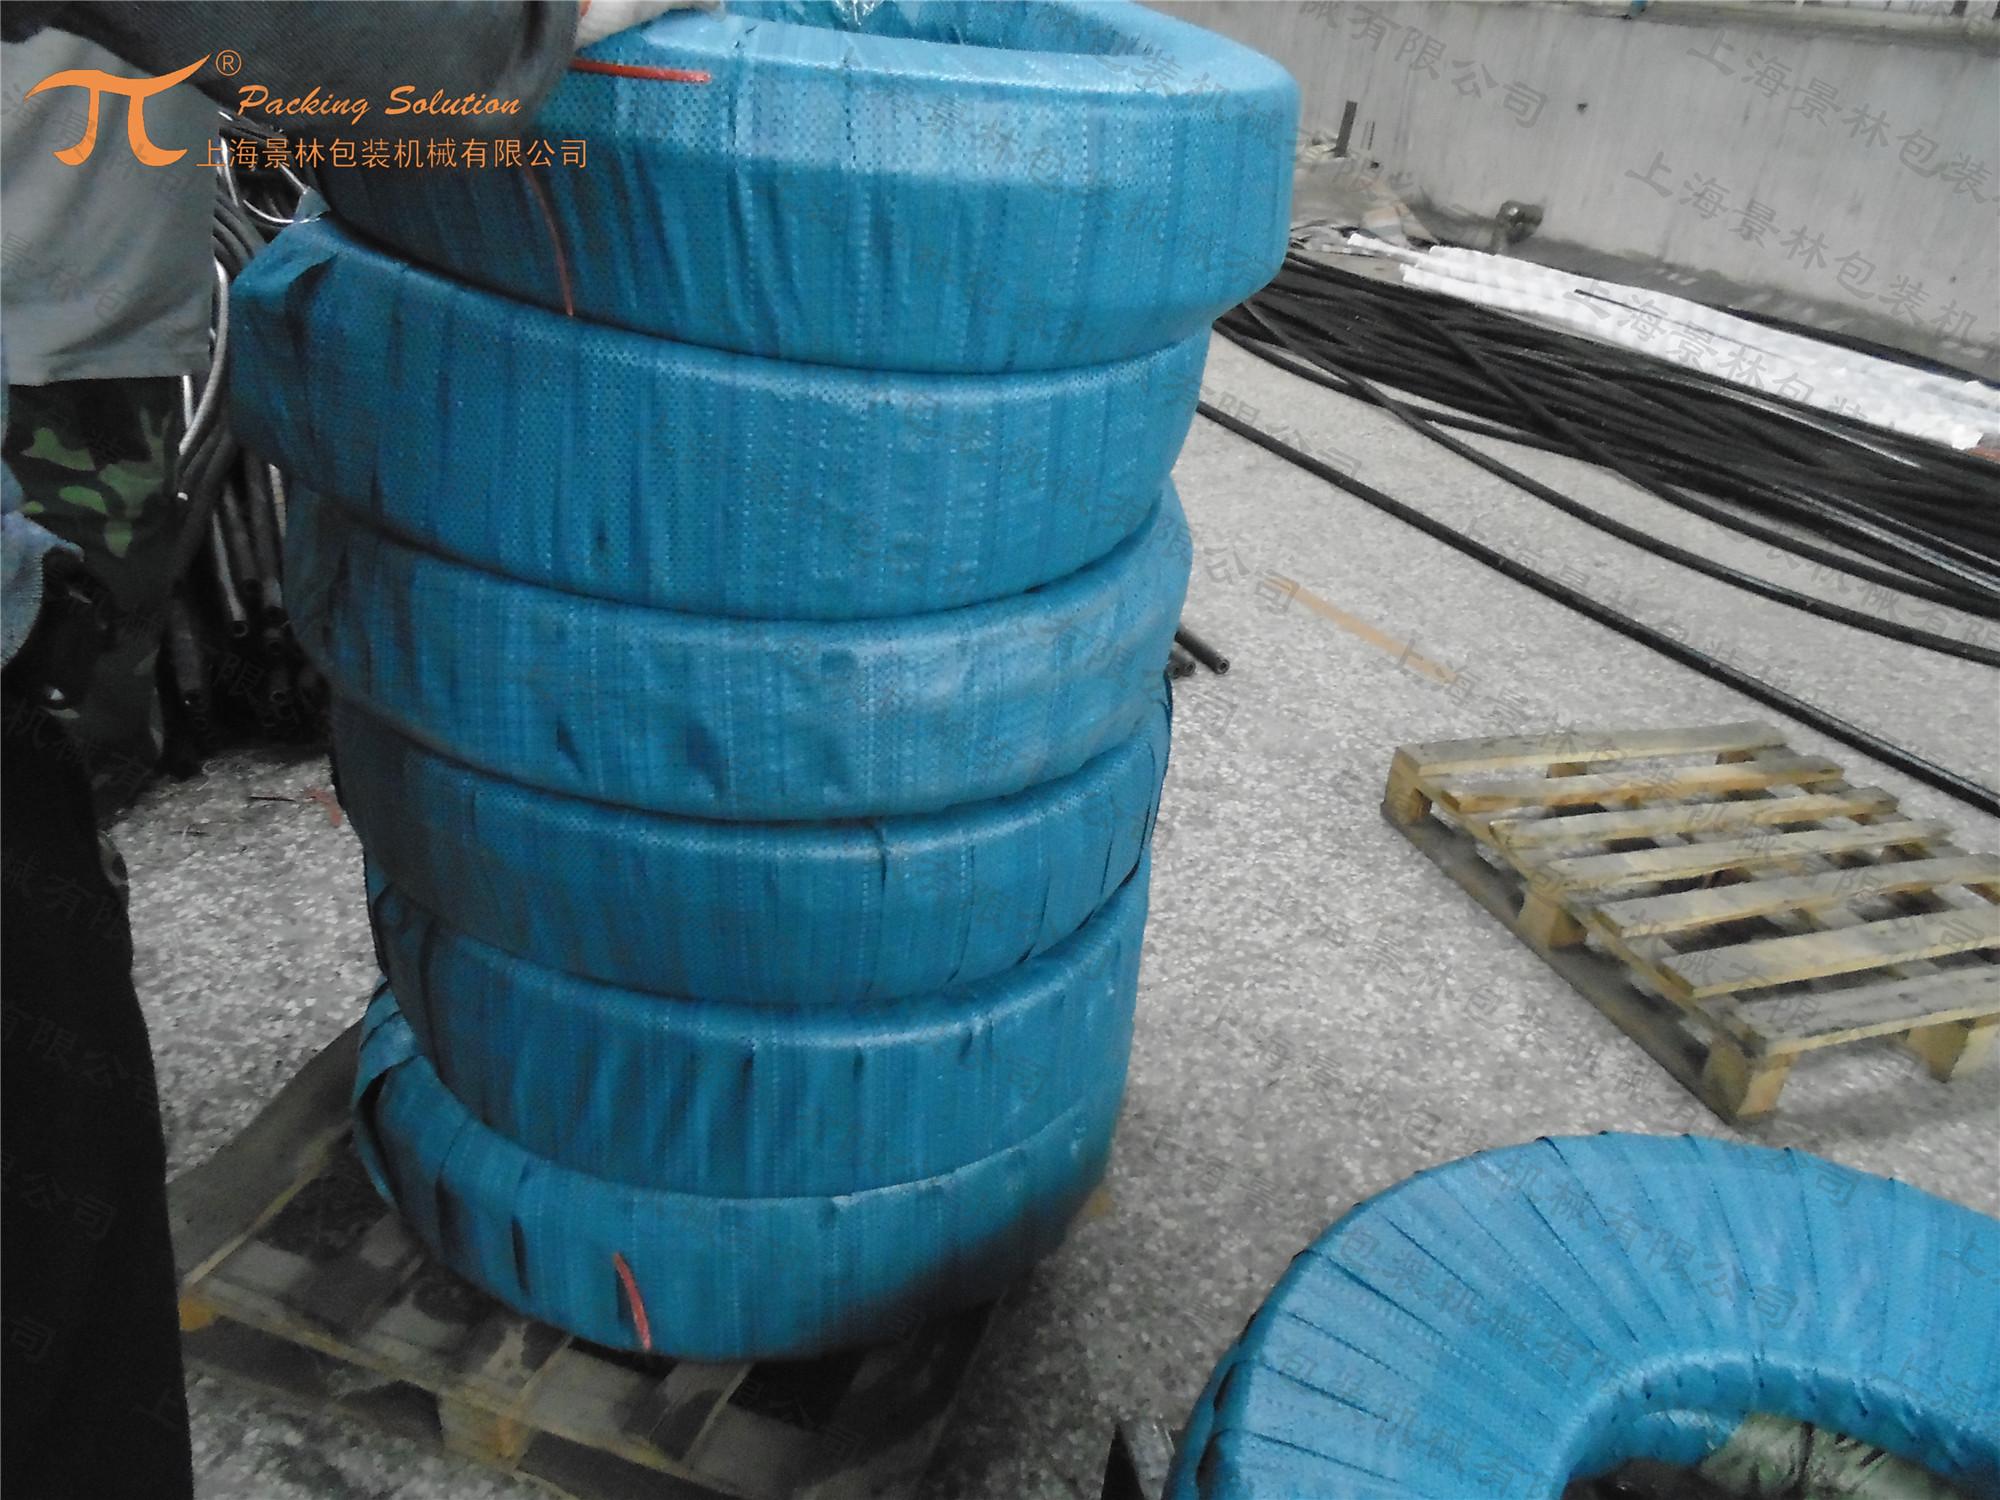 臥式高壓油管纏繞包裝機 GW800